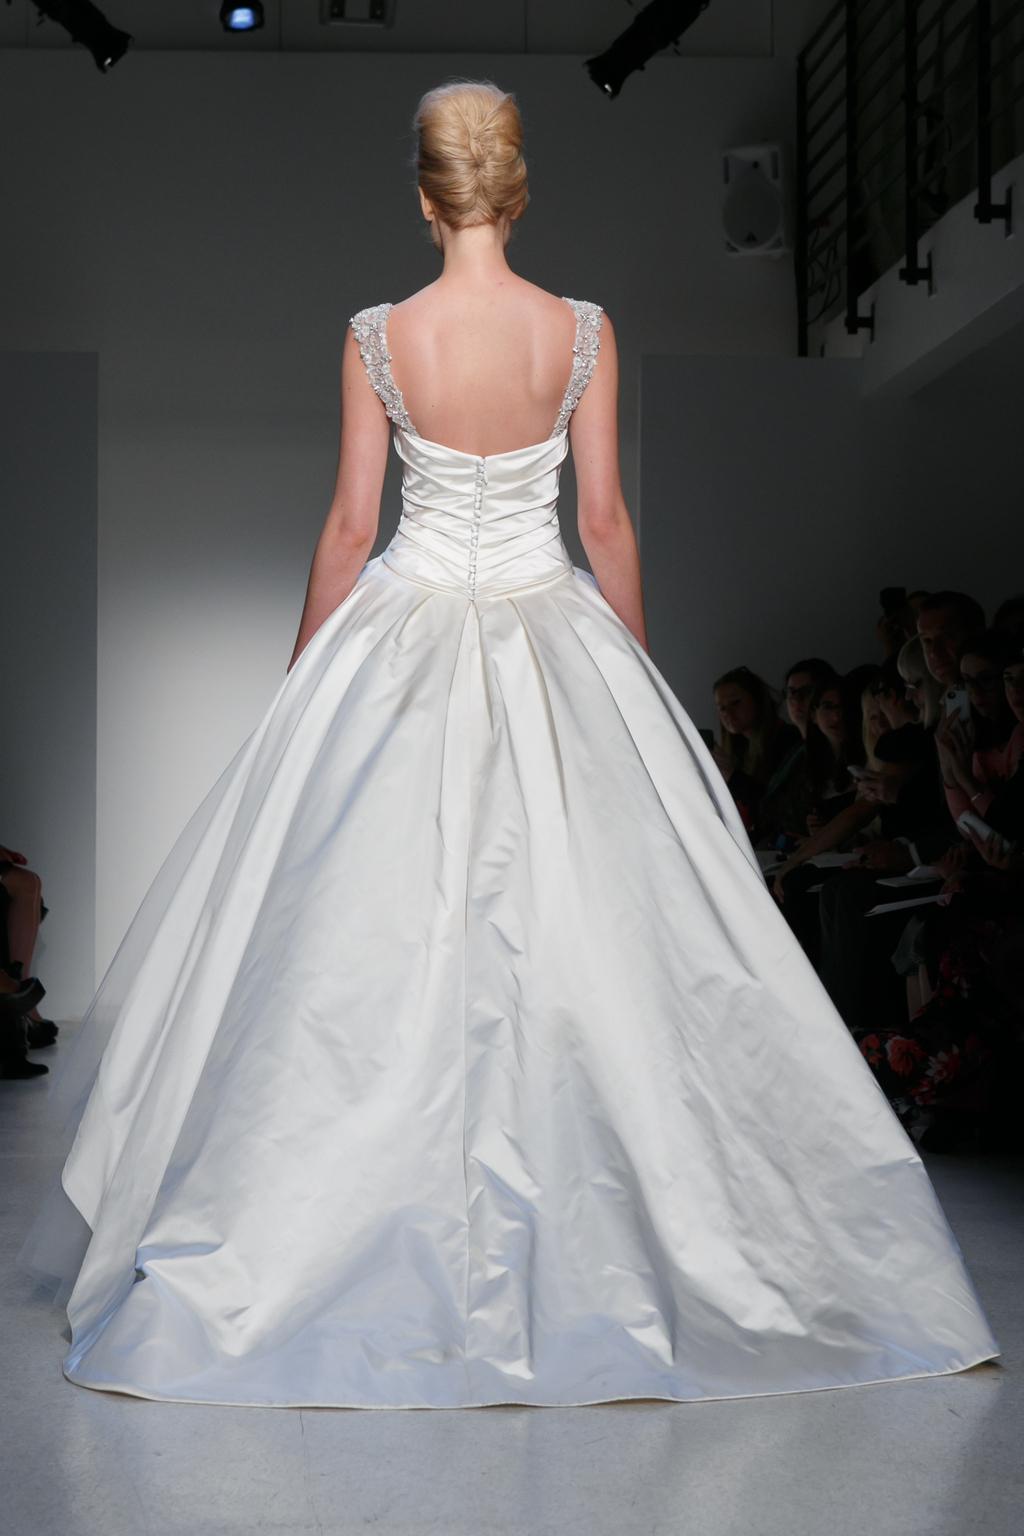 Fall-2013-wedding-dress-kenneth-pool-by-amsale-bridal-gowns-5b.full